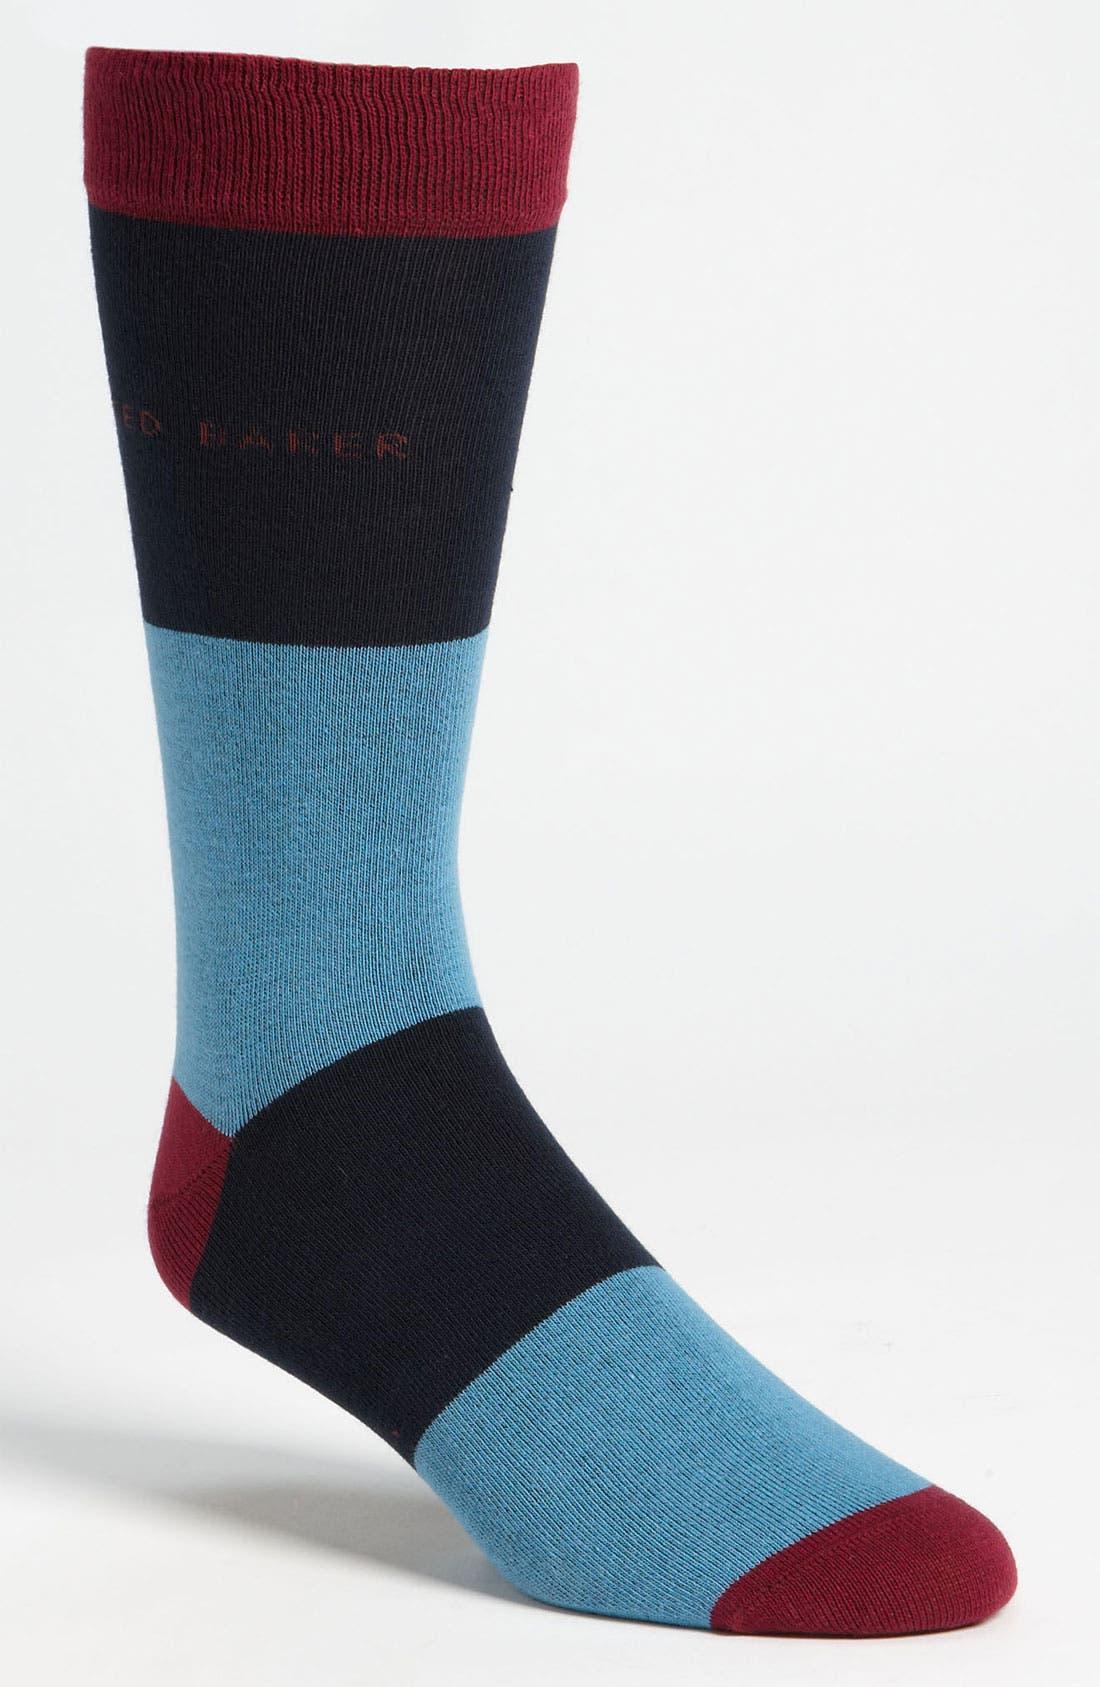 Alternate Image 1 Selected - Ted Baker London 'Large Stripe' Socks